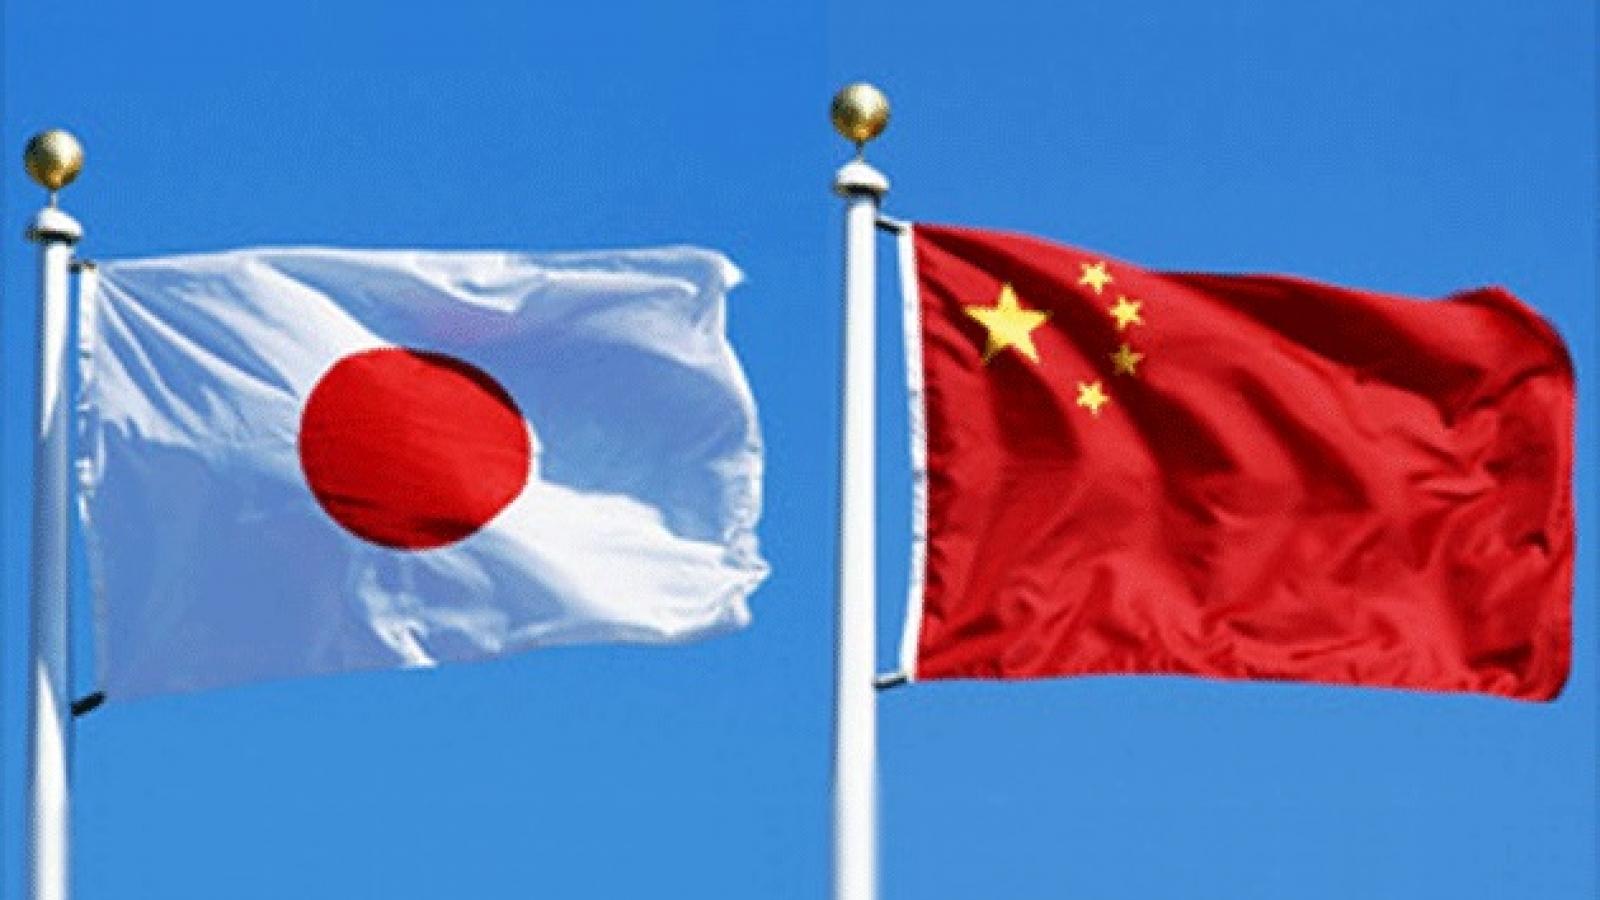 """Sách Xanh Nhật Bản lần đầu phê phán Trung Quốc """"vi phạm luật quốc tế"""""""